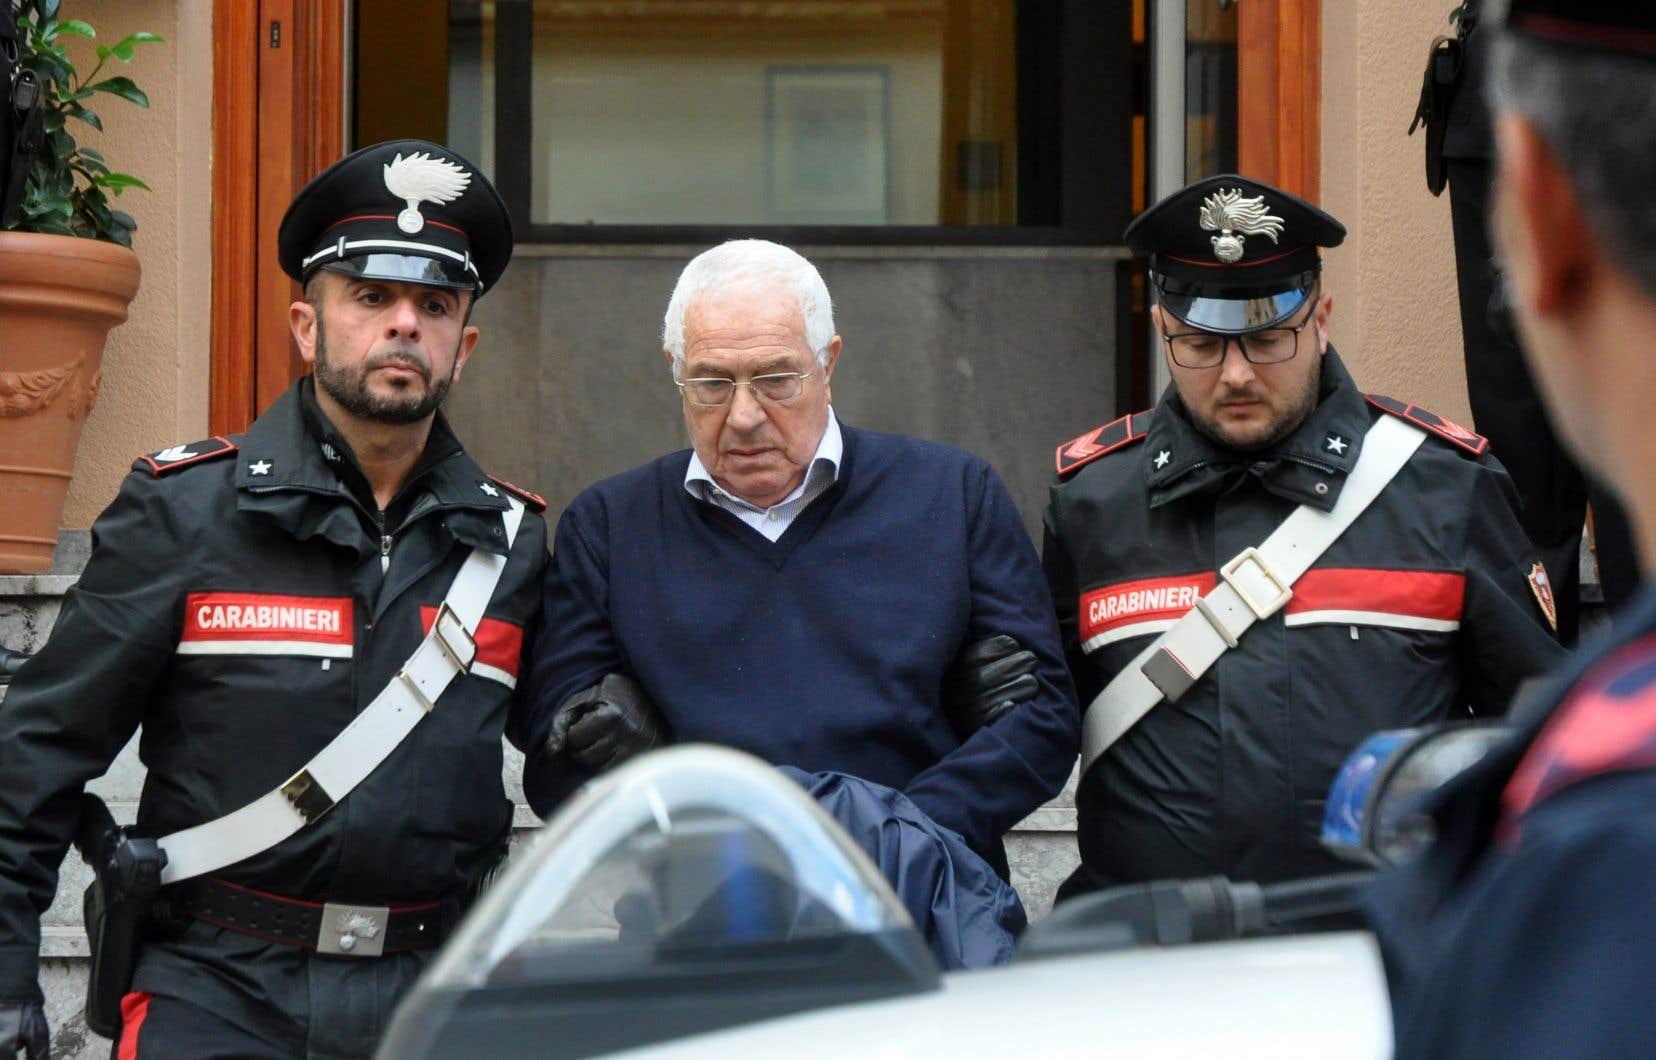 <p>La police a notamment épinglé Settimo Matteo, qui serait devenu le parrain régional après la mort l'an dernier du «parrain des parrains» Salvatore «Toto» Riina.</p>